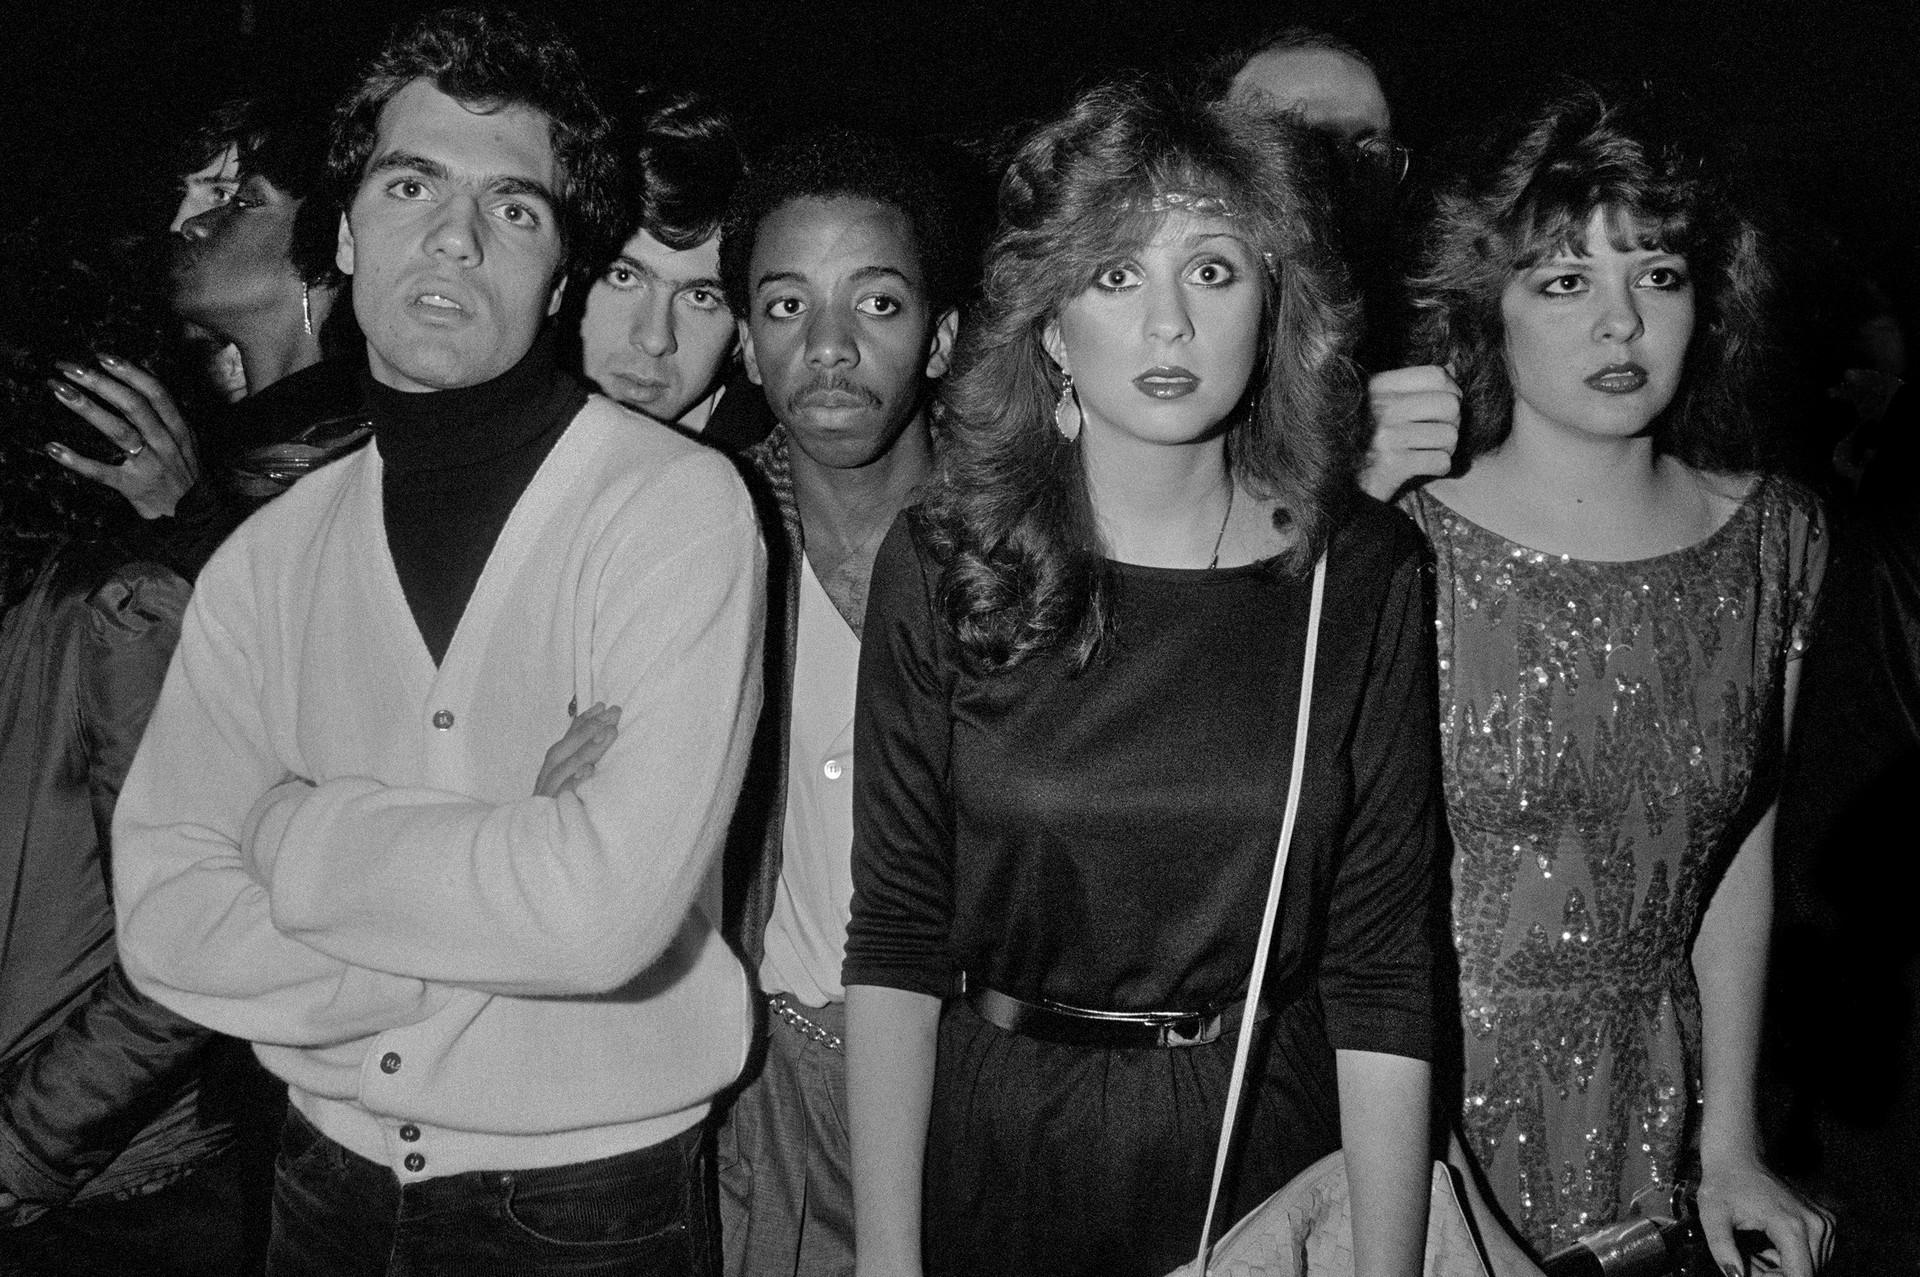 Очередь в клуб «Студия 54», Нью-Йорк, 1981. Фотограф Ричард Сэндлер